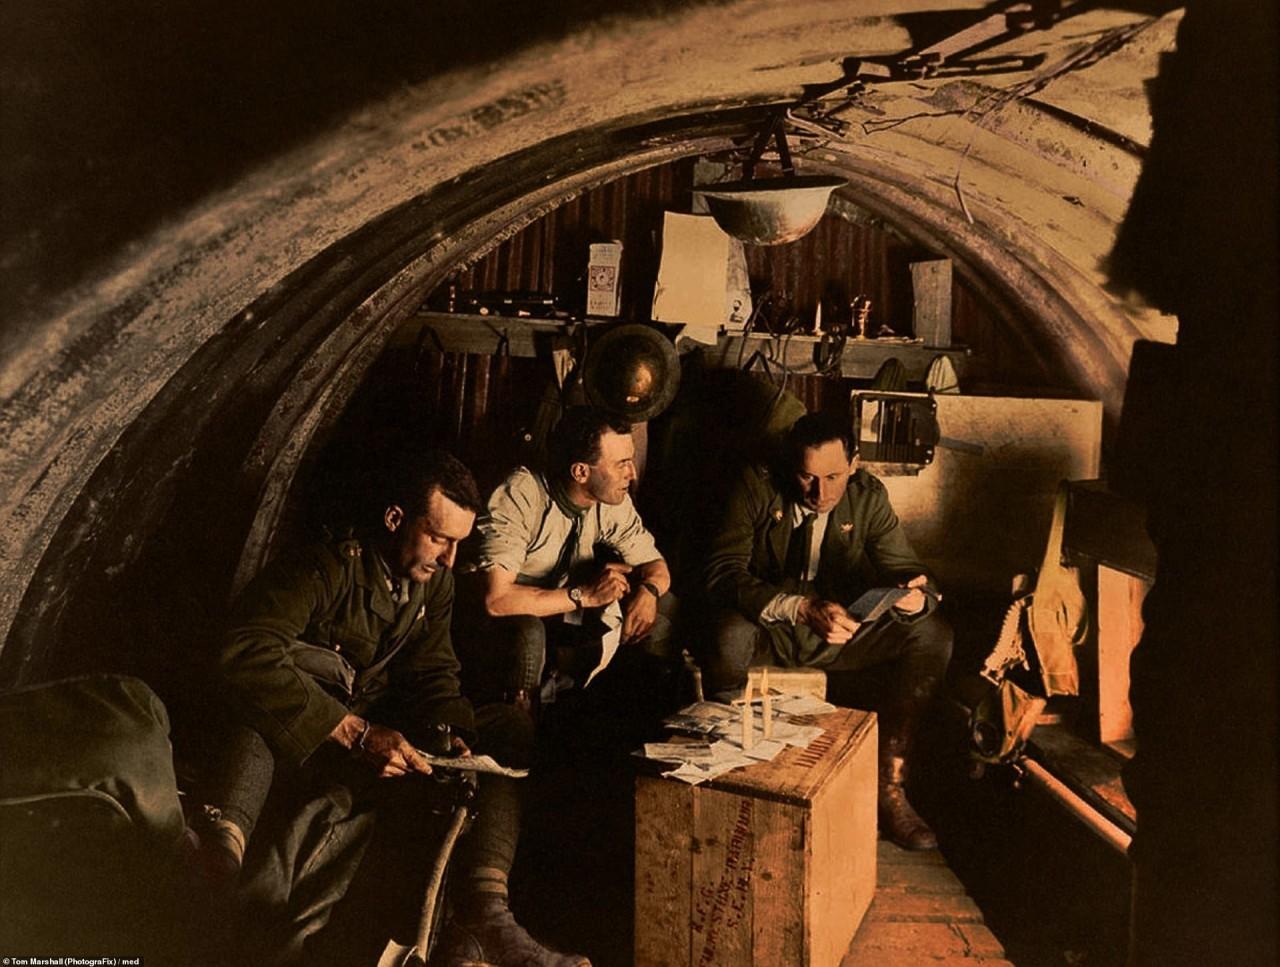 Офицеры 105-й гаубичной батареи в землянке, Фландрия, Ипр, 27 августа 1917 г. архивное фото, колоризация, колоризация фотографий, колоризированные снимки, первая мировая, первая мировая война, фото войны